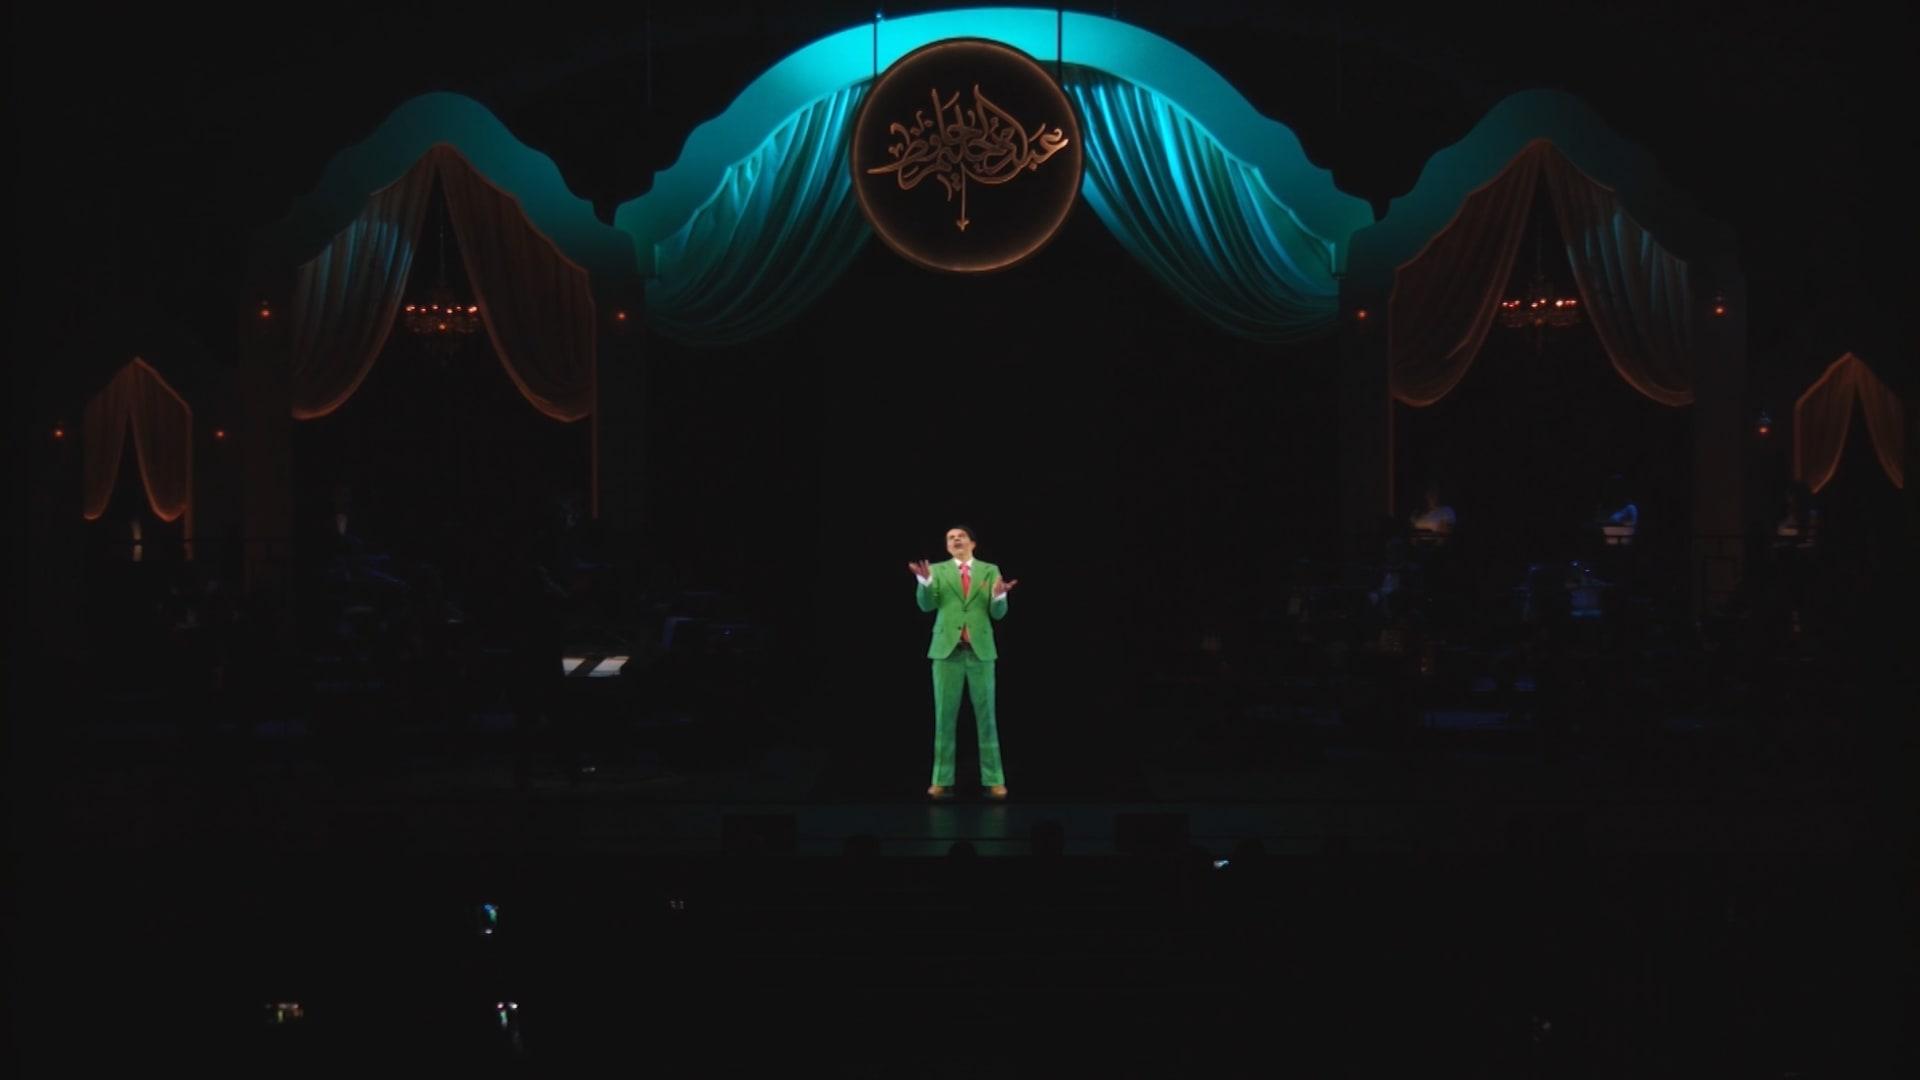 دبي أوبرا تستخدم الهولوغرام لإعادة عبد الحليم حافظ وغيره من الأساطير إلى المسرح